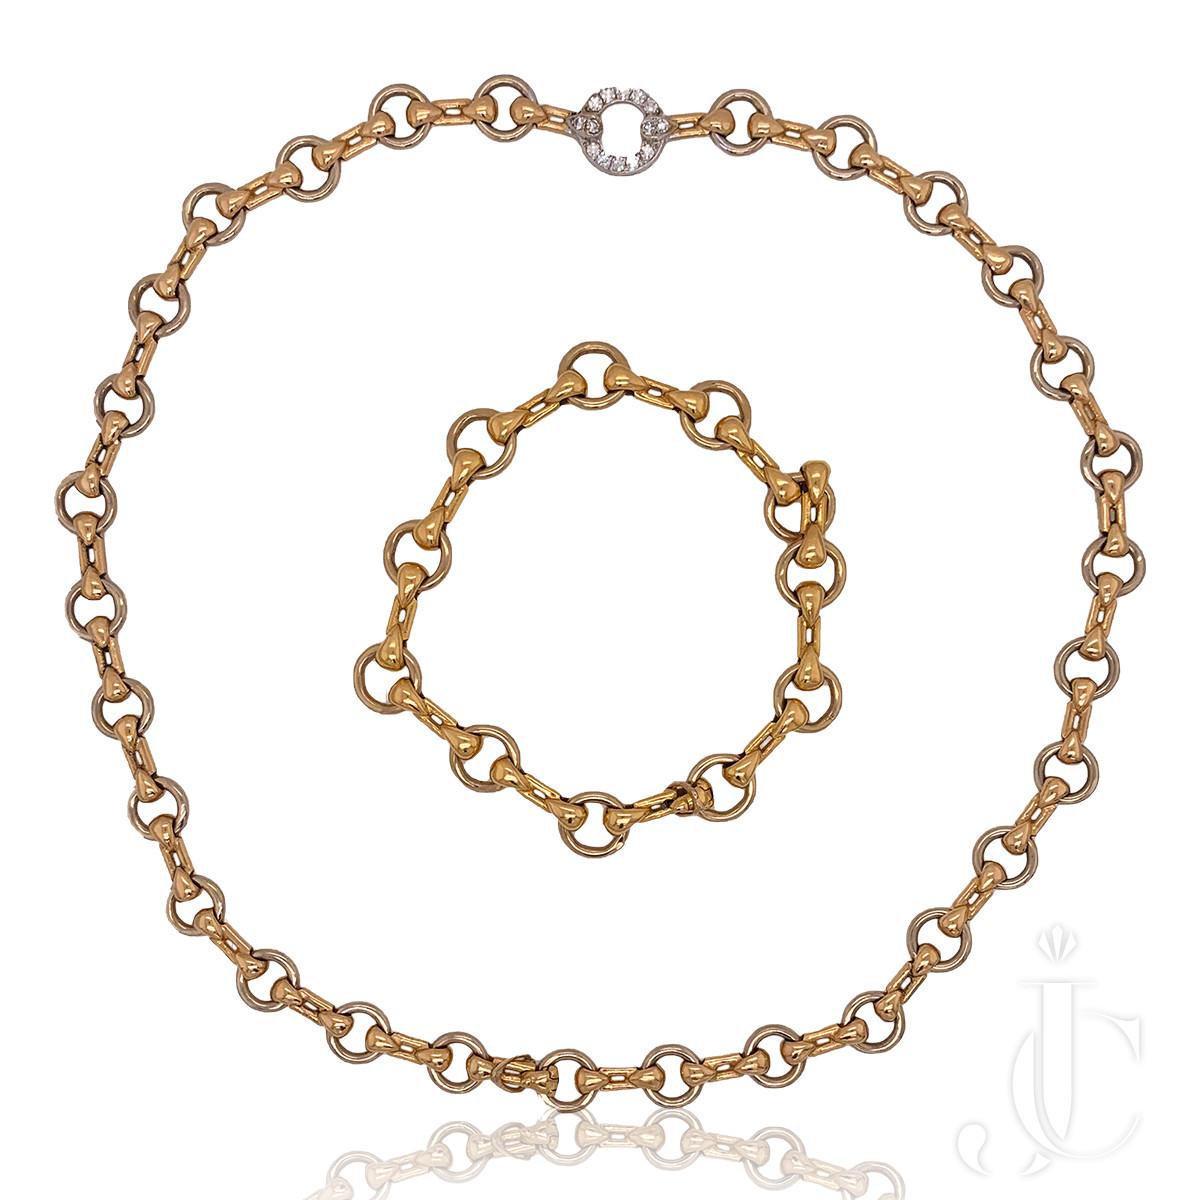 Cartier 18kt Gold Diamond Necklace/Bracelet